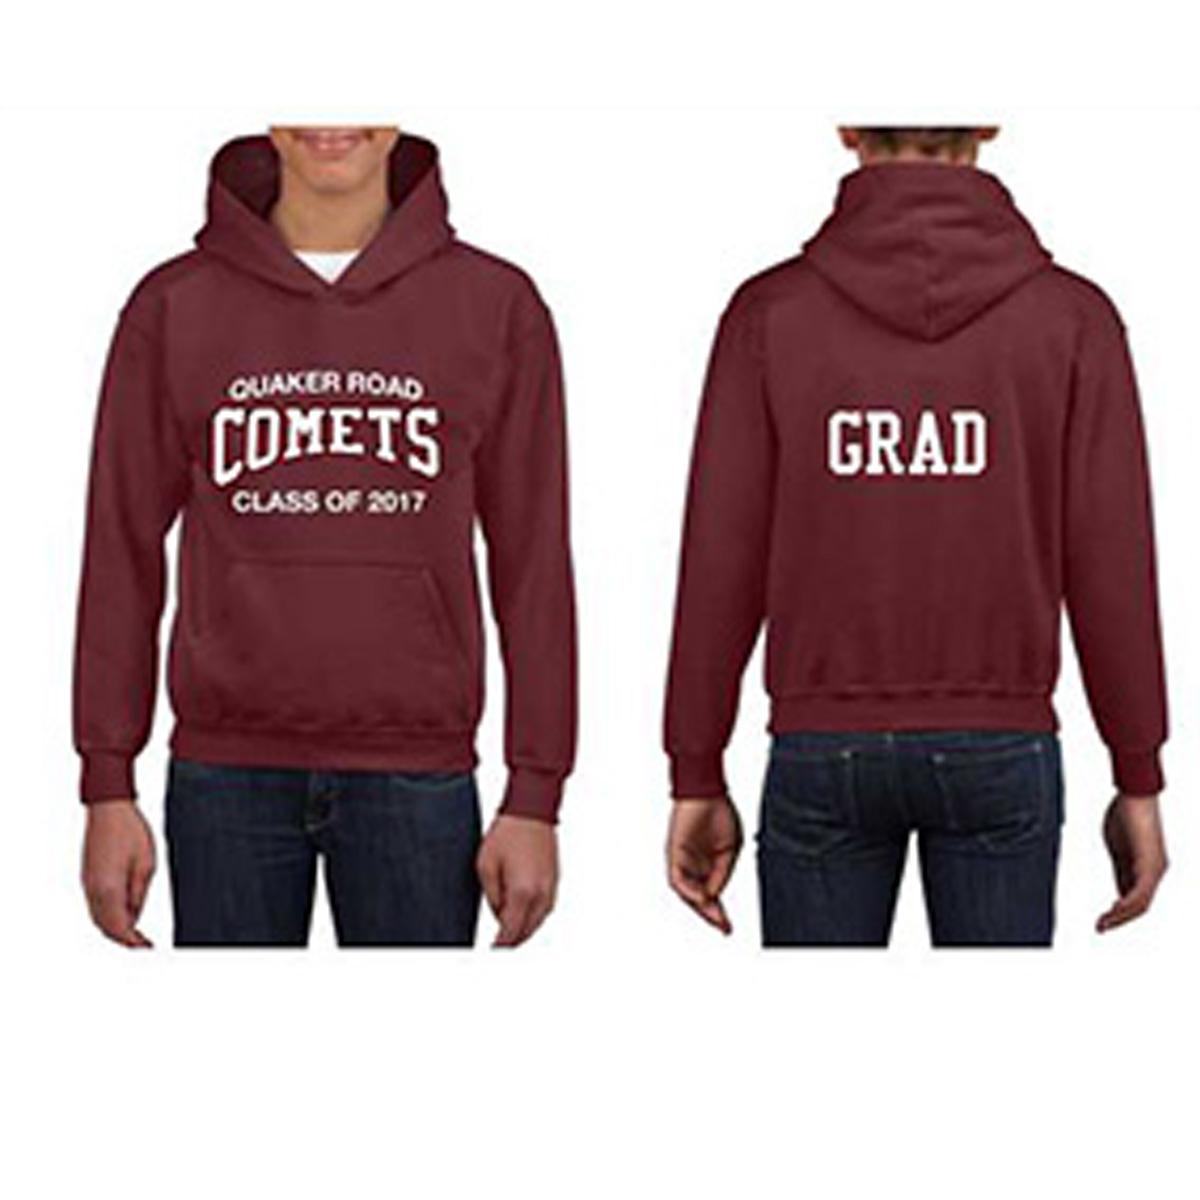 Quaker Road Gradwear